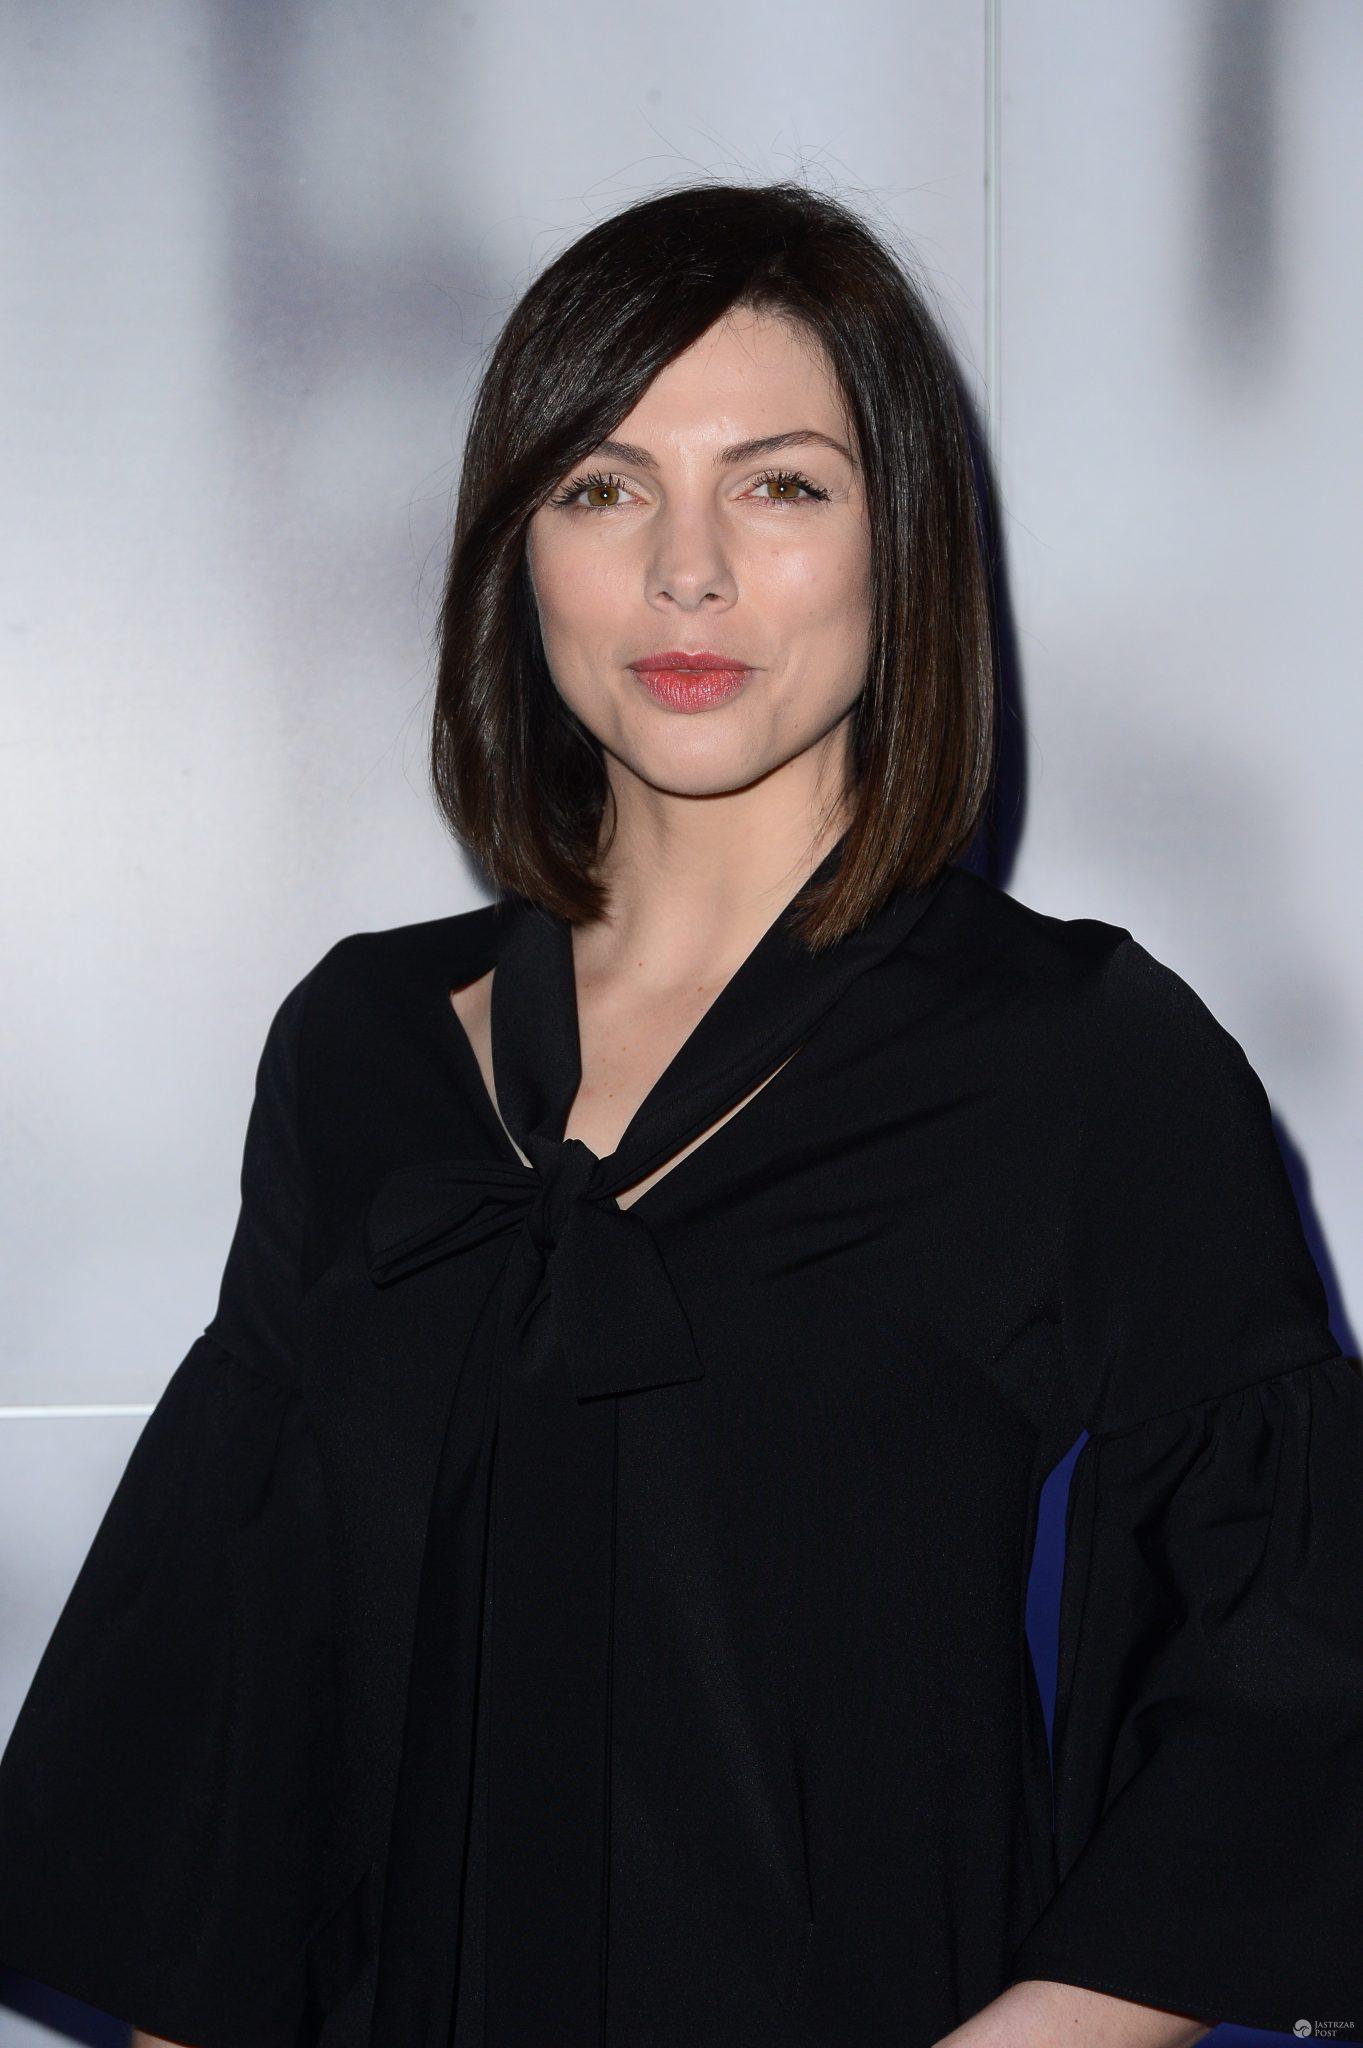 Karolina Gorczyca w krótkich włosach na otwarciu szkoły tańca Michała Malitowskiego. Zdjęcia